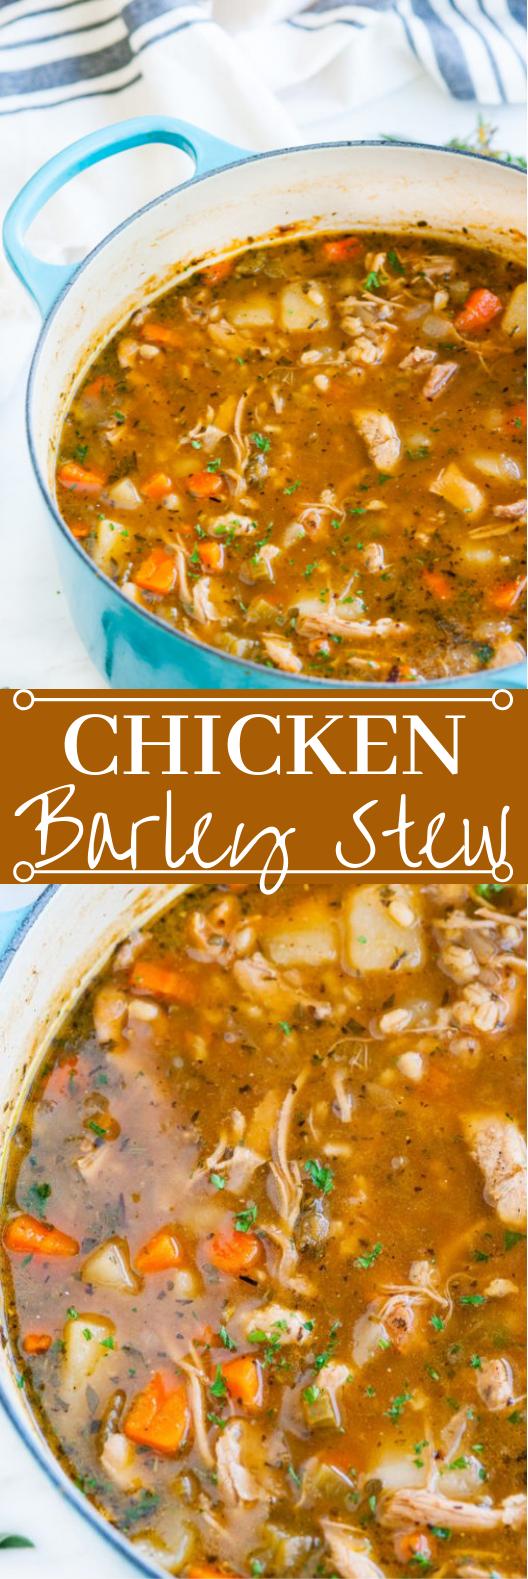 Chicken and Barley Stew #dinner #stew